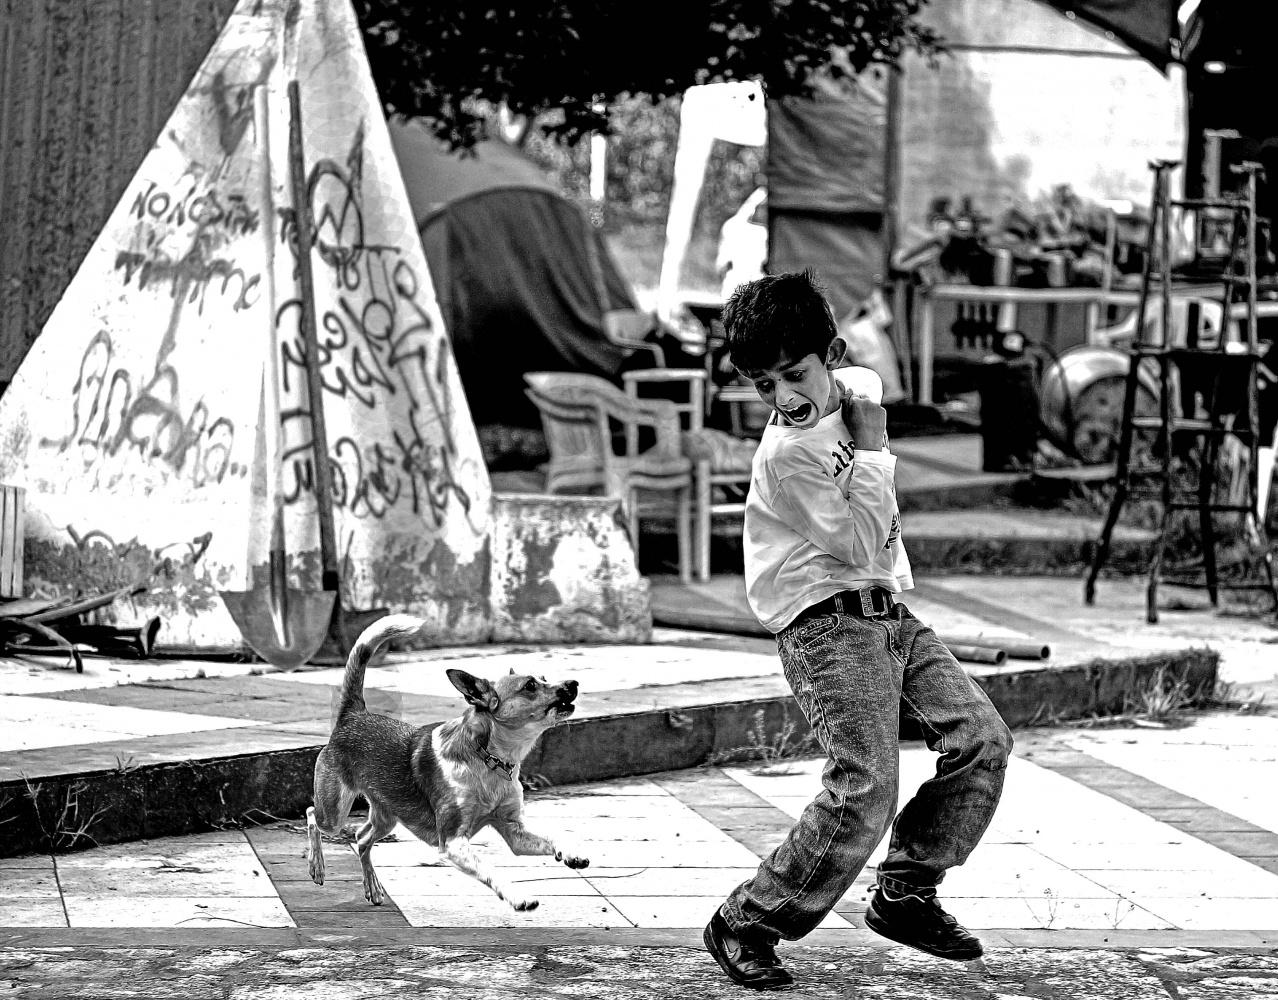 copyright Aldo Valenti - www.aldovalenti.it